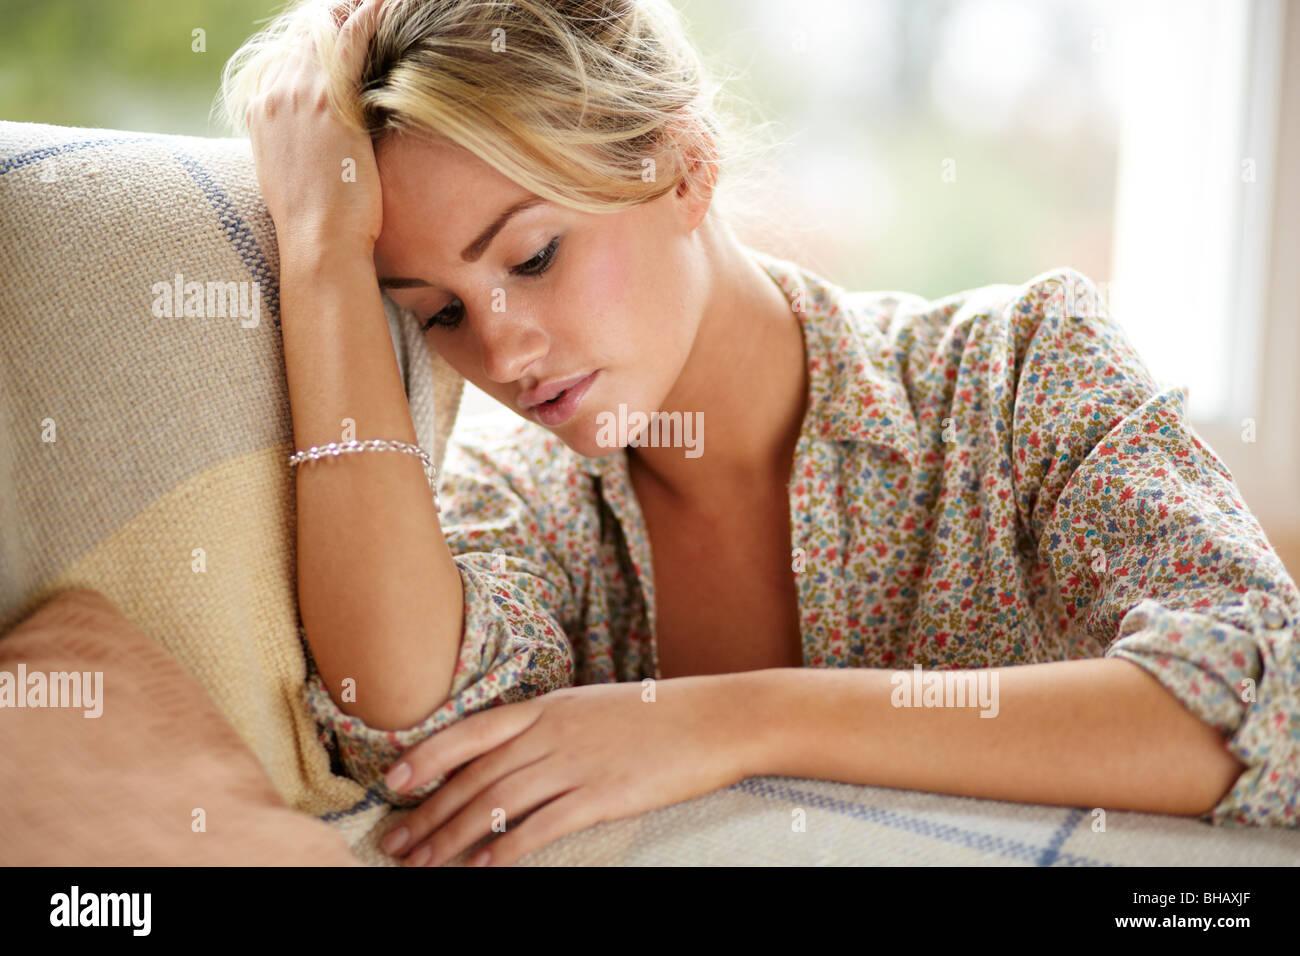 Traurig aussehende Mädchen Stockbild